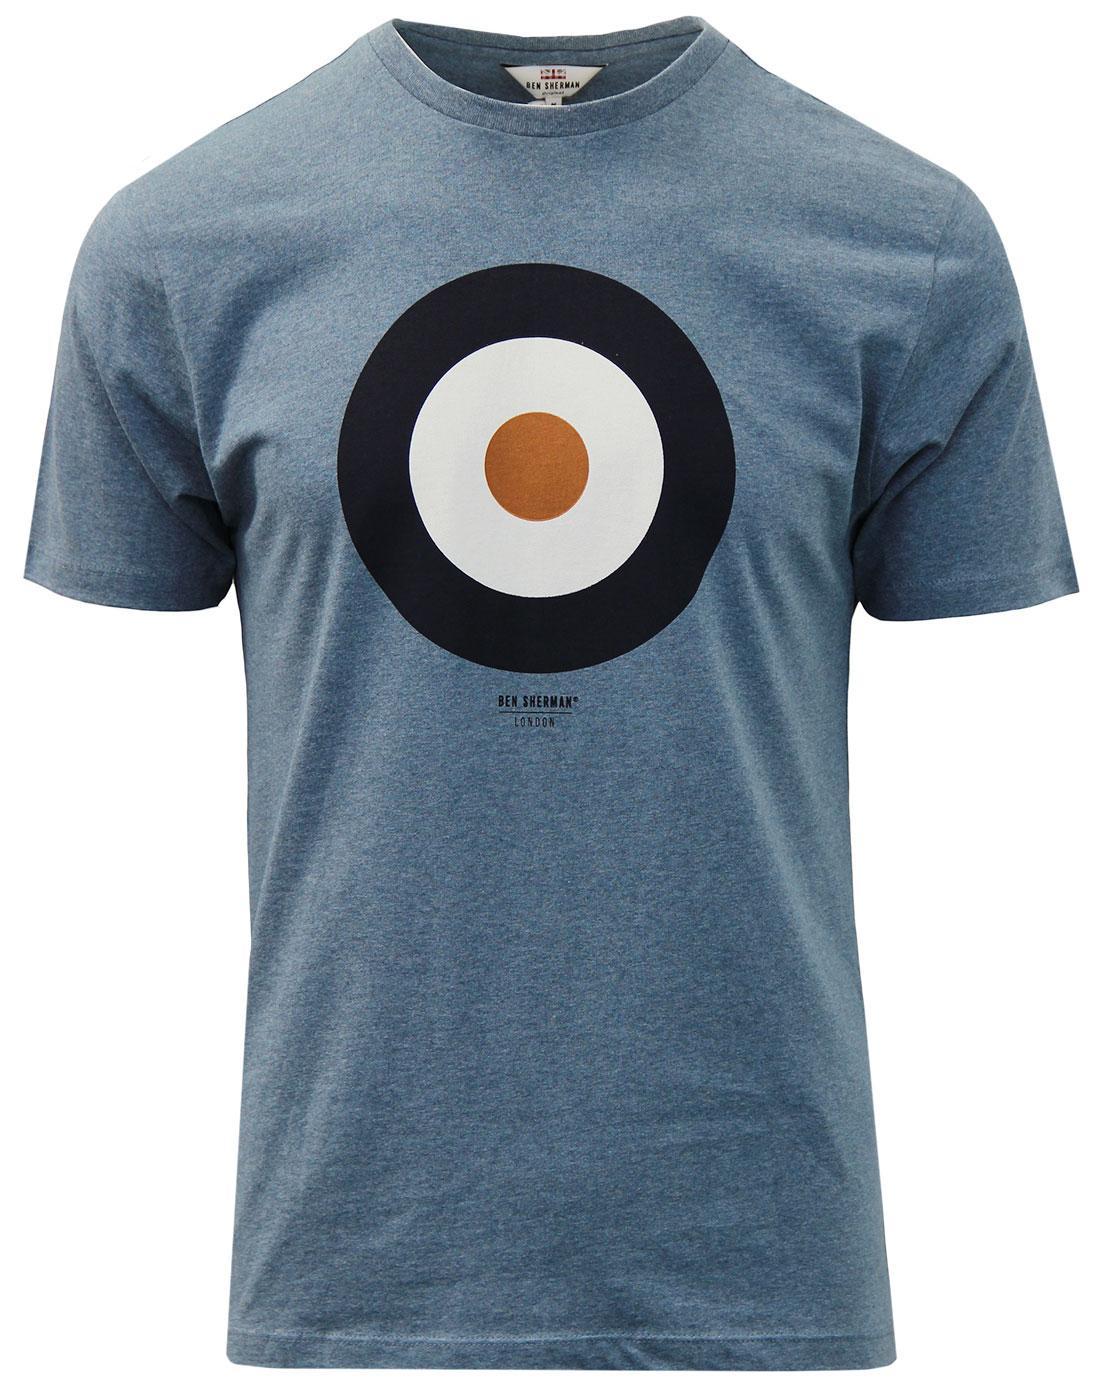 BEN SHERMAN Pop Art Mod Target T-Shirt BLUE SHADOW